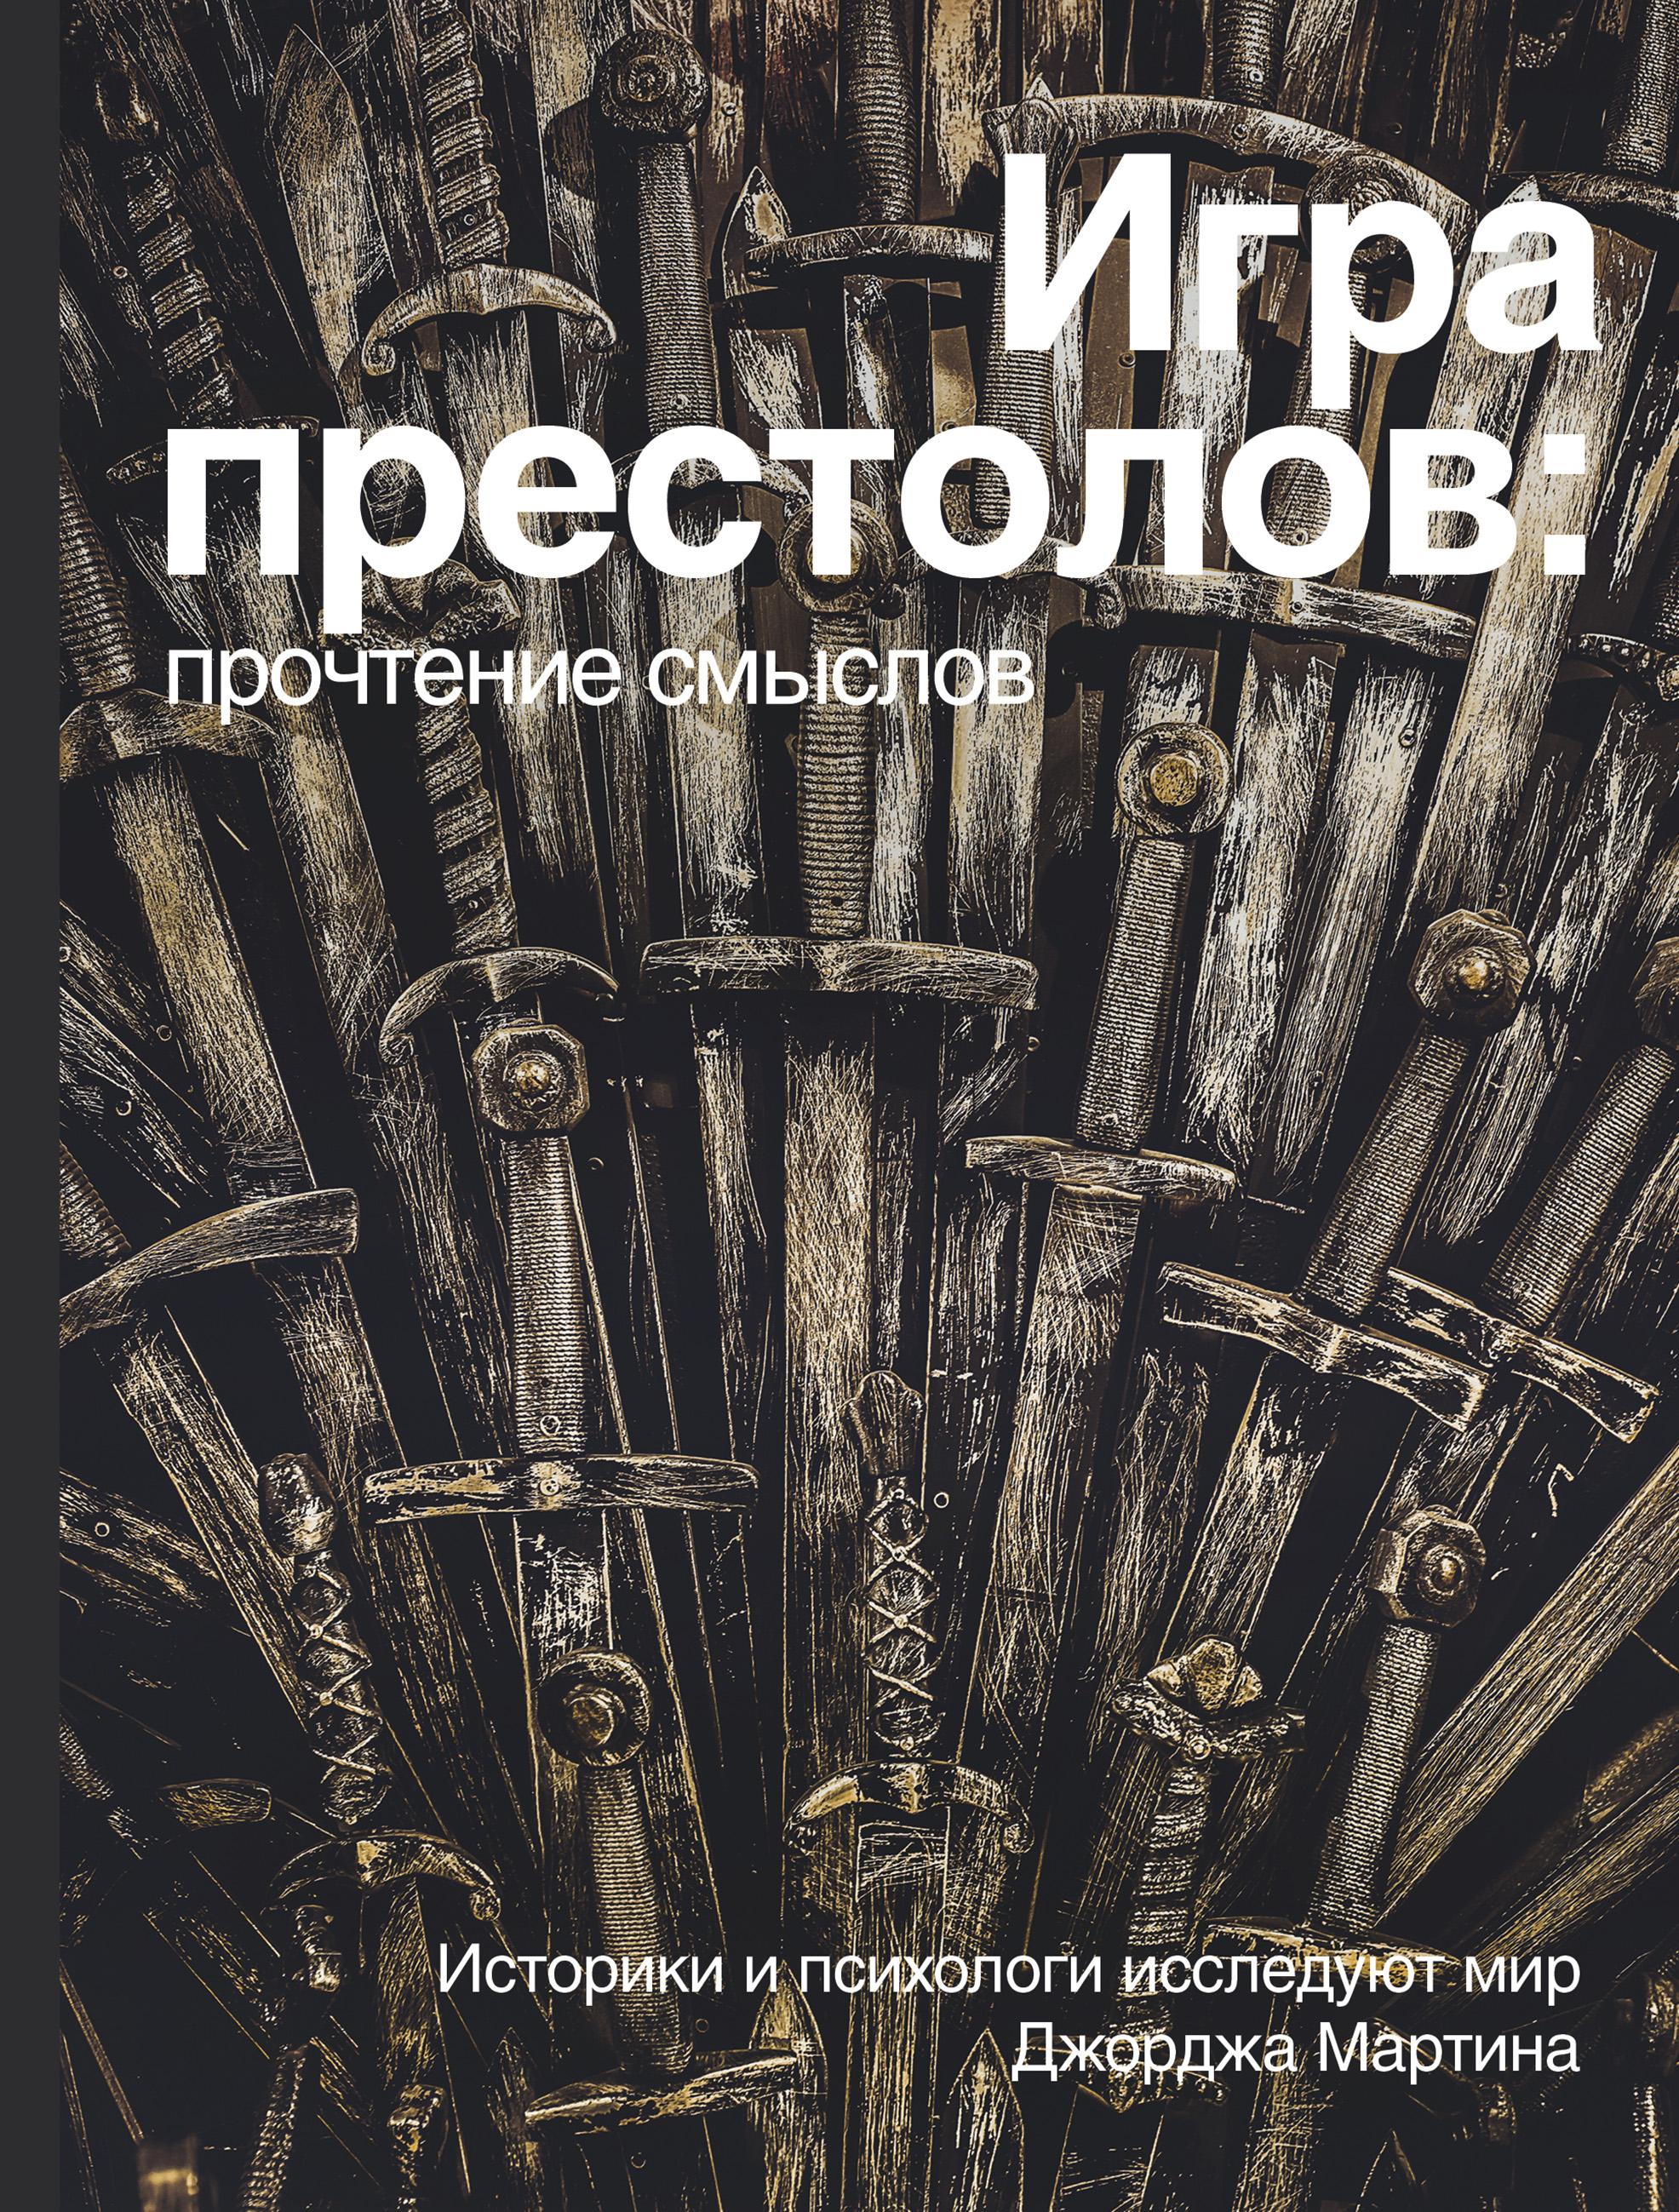 Игра престолов: прочтение смыслов